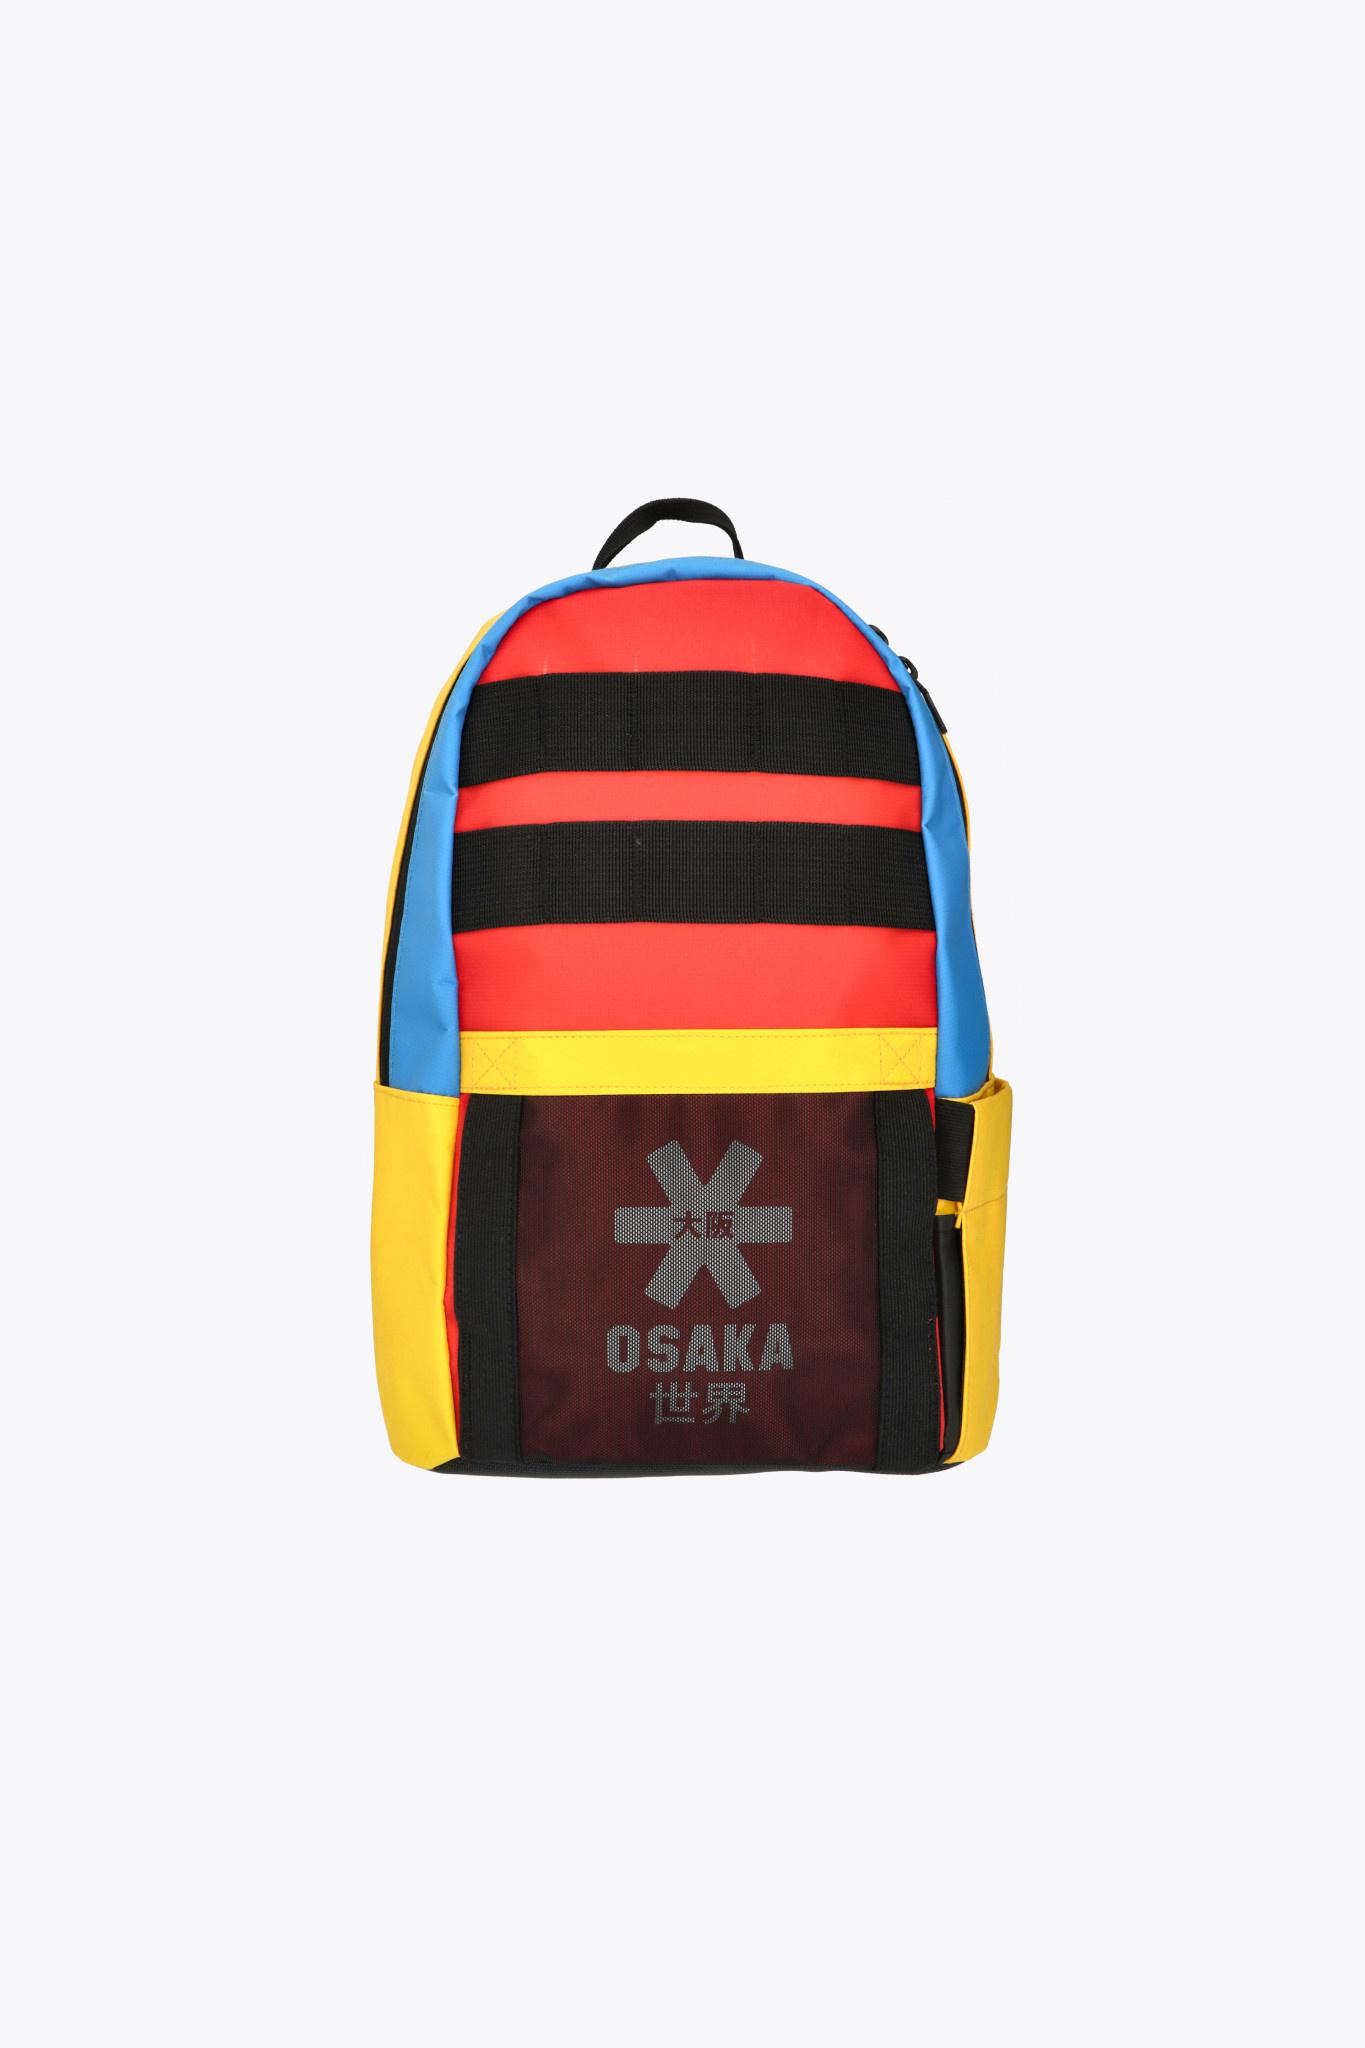 Osaka Osaka Pro Tour backpack compact primary colour mix